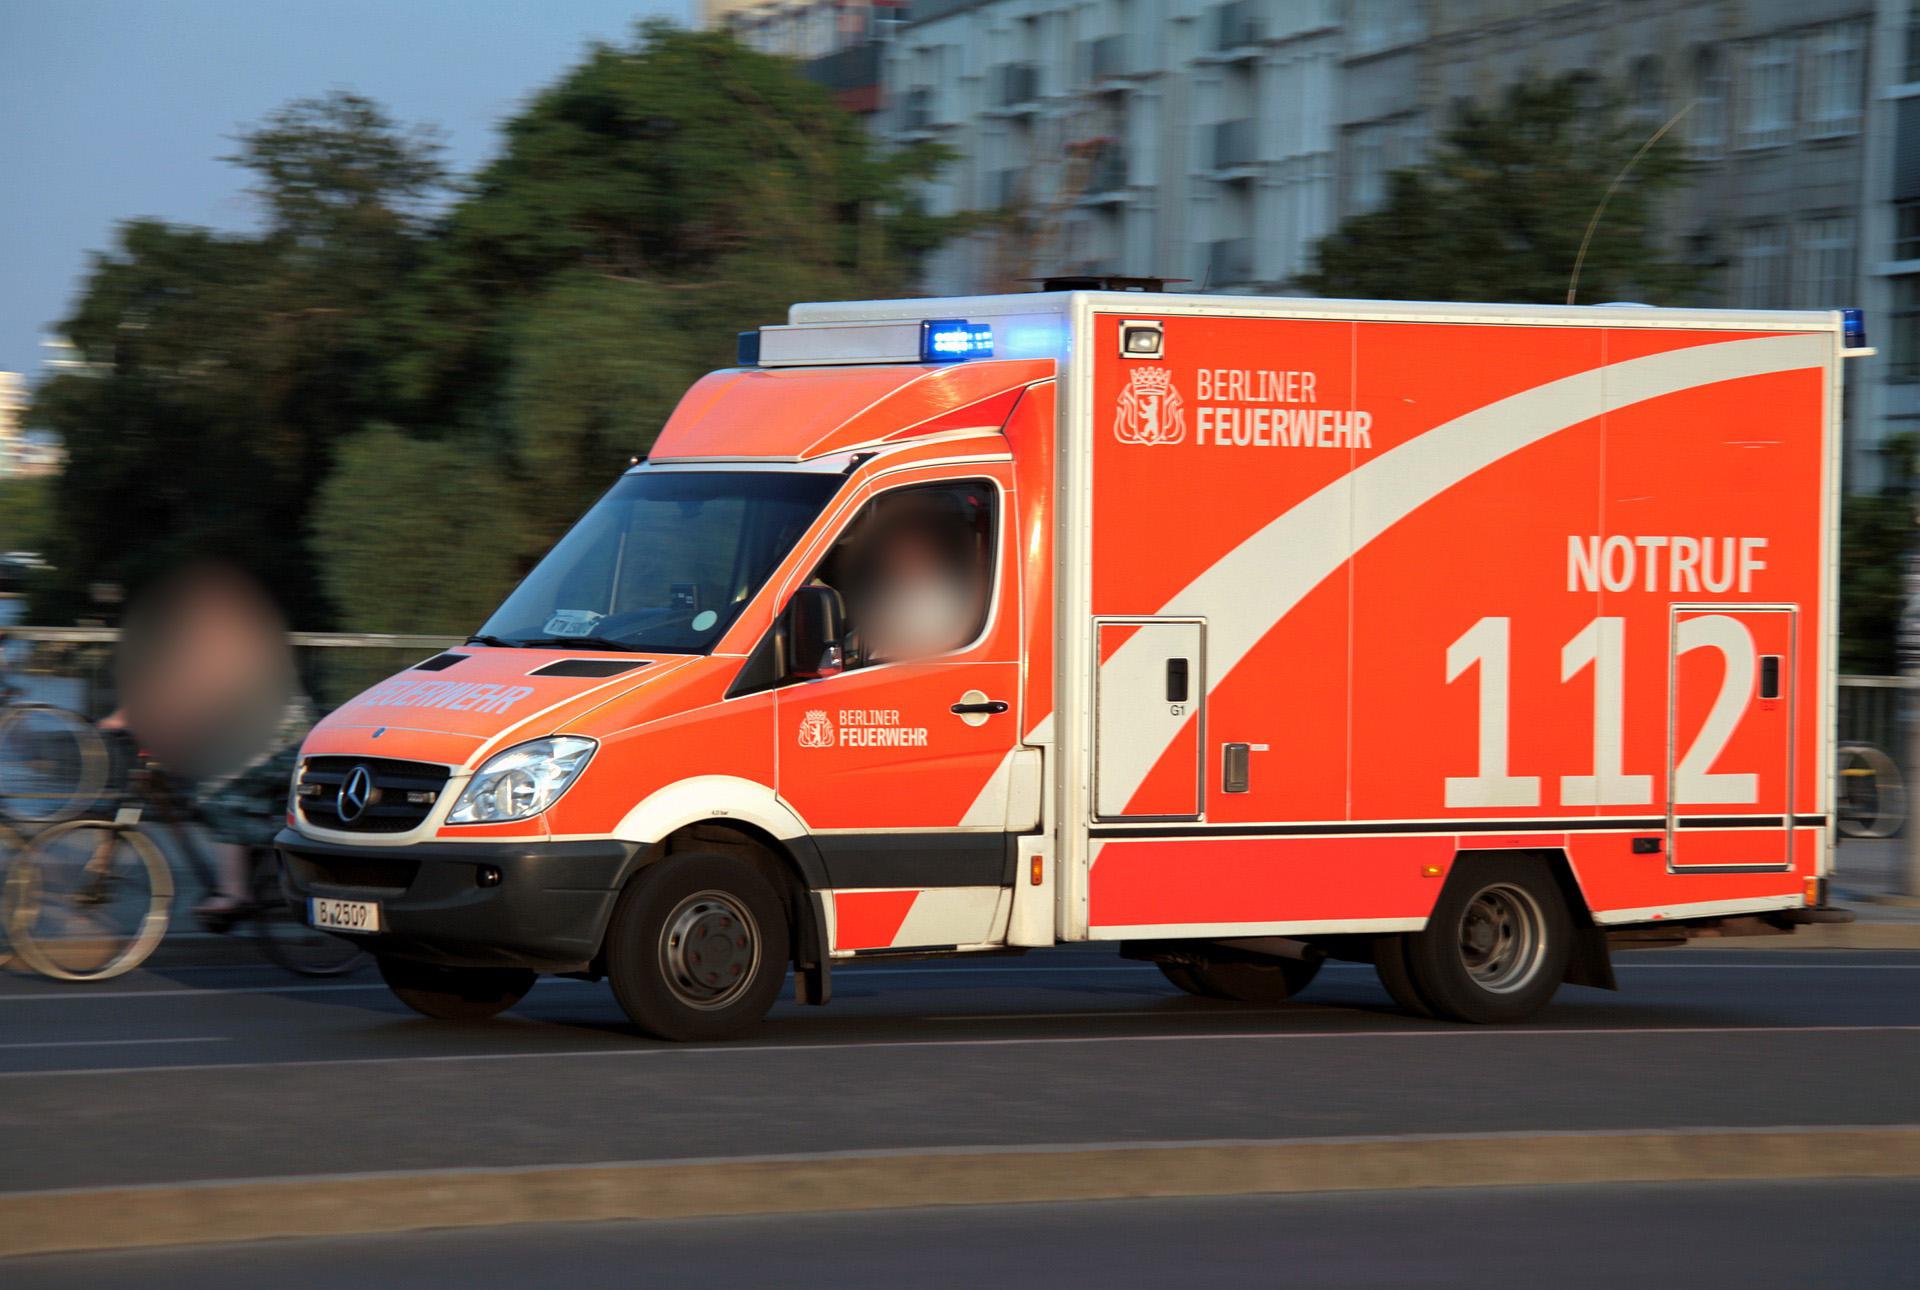 Radfahrer-greift-Rettungswagen-an-Patientin-stirbt-kurz-darauf